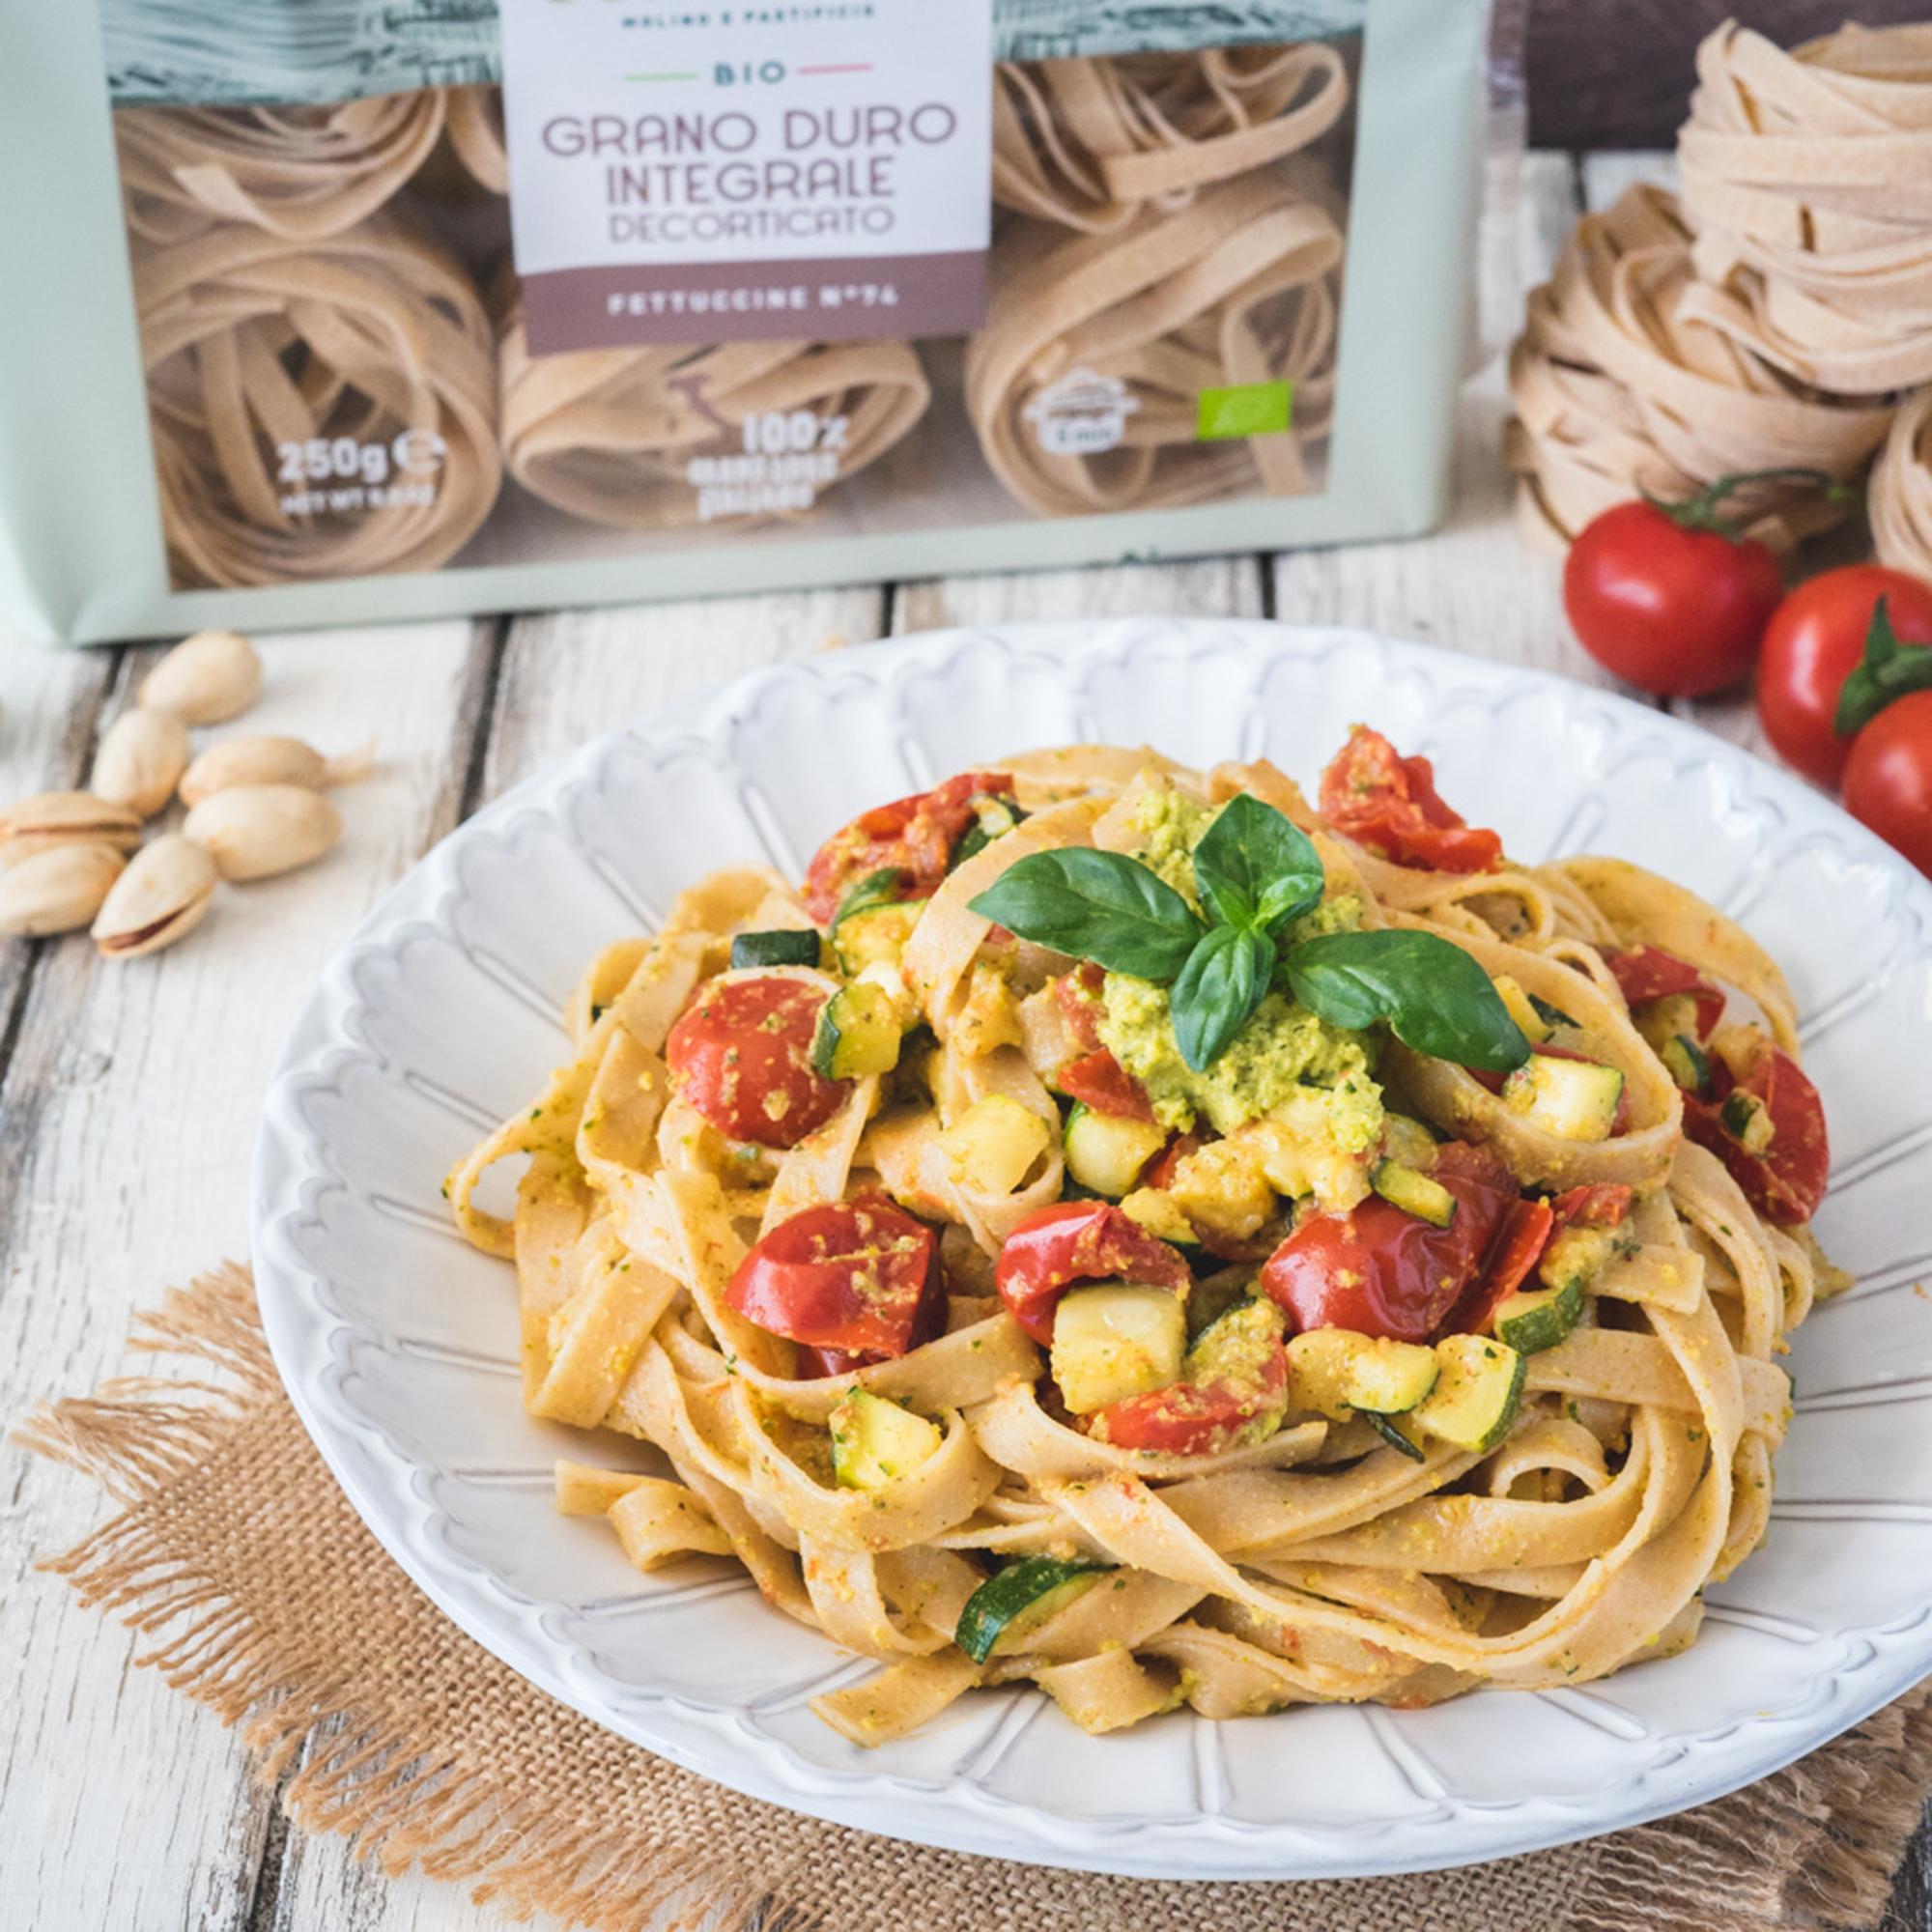 Fettuccine Sgambaro al pesto di pistacchi con zucchine e pomodorini confit